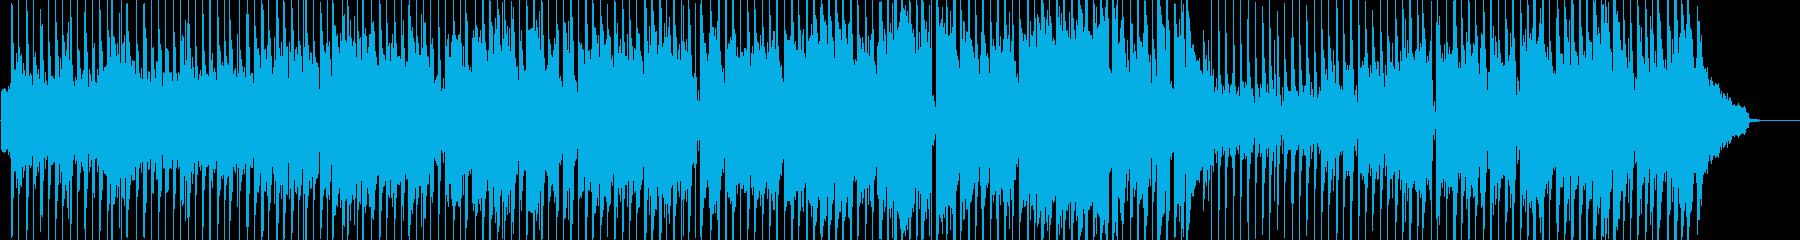 日常的過ぎるほのぼの打楽器ポップス 短尺の再生済みの波形